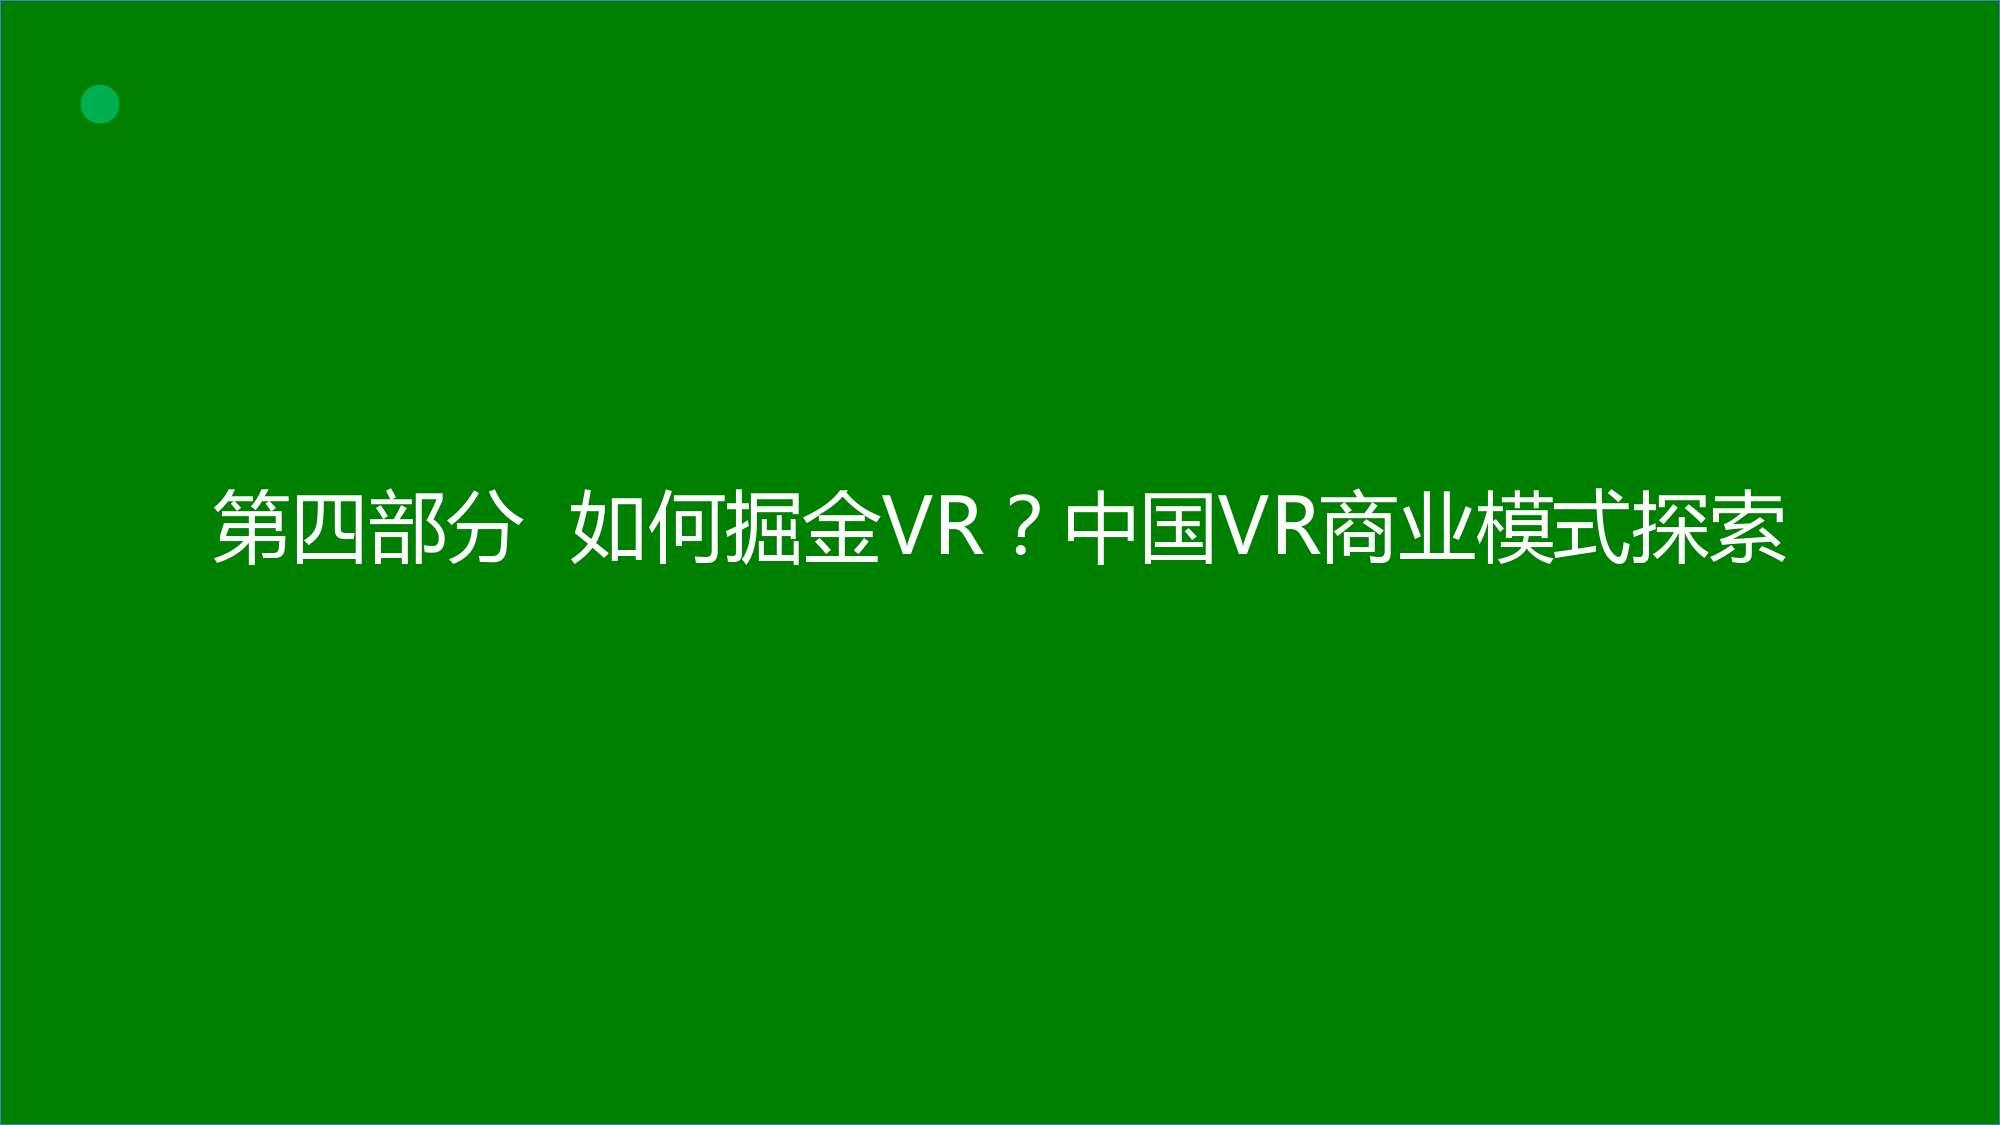 中国VR用户行为研究报告_000037